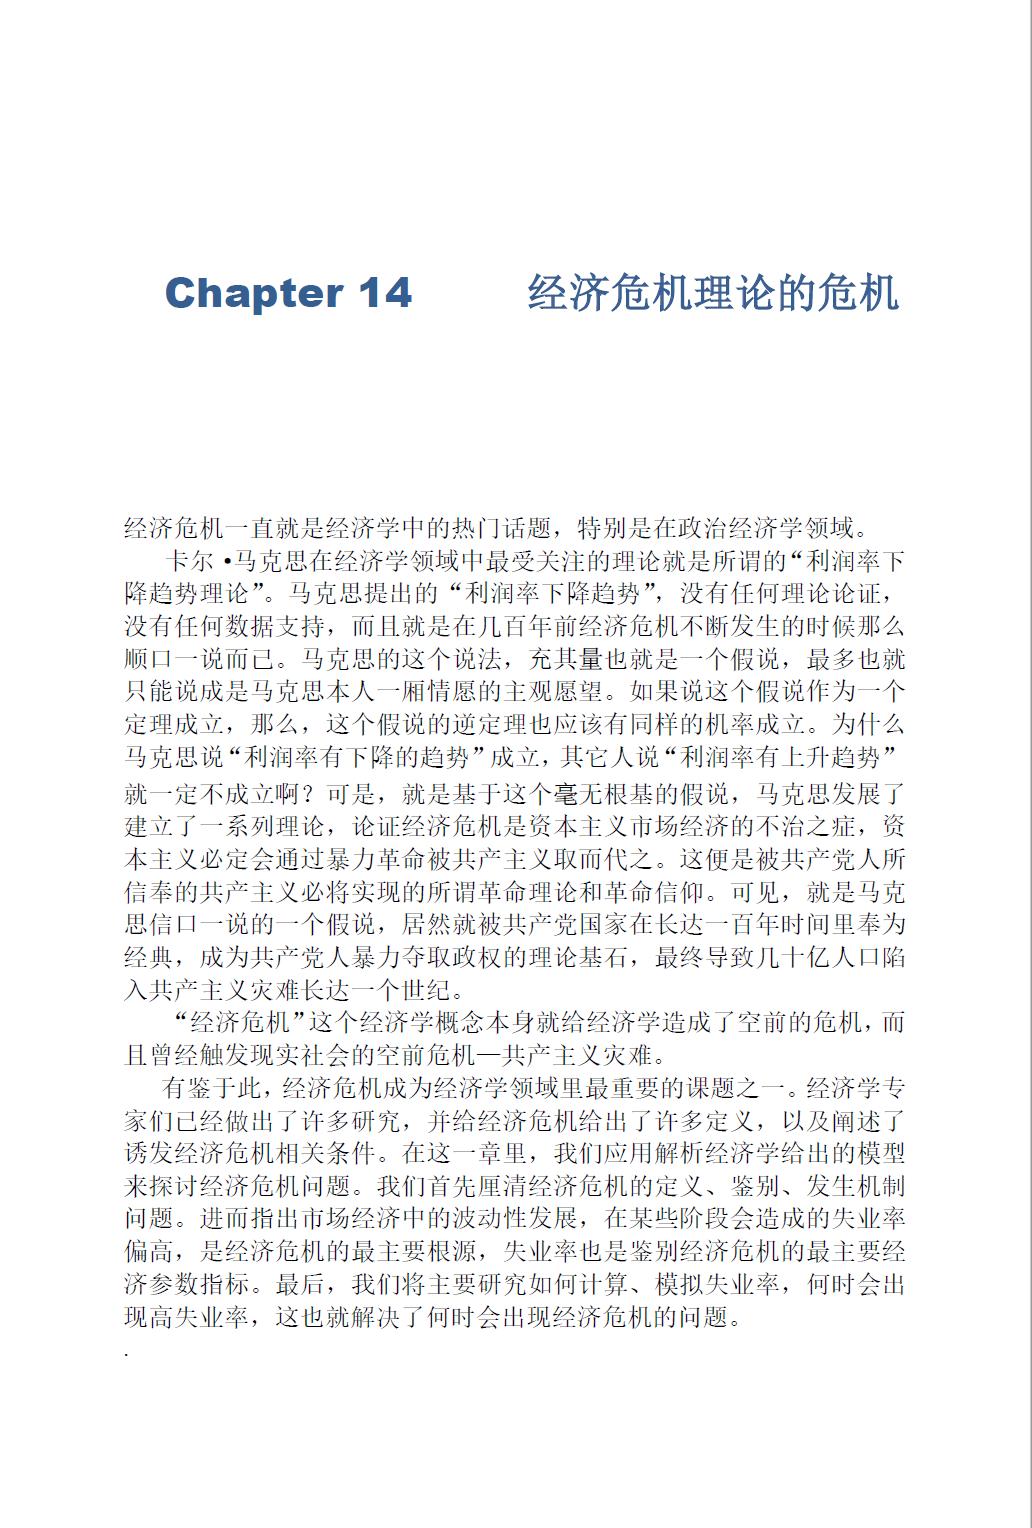 《解析经济学》第14章:用数学公式批判马克思经济假说